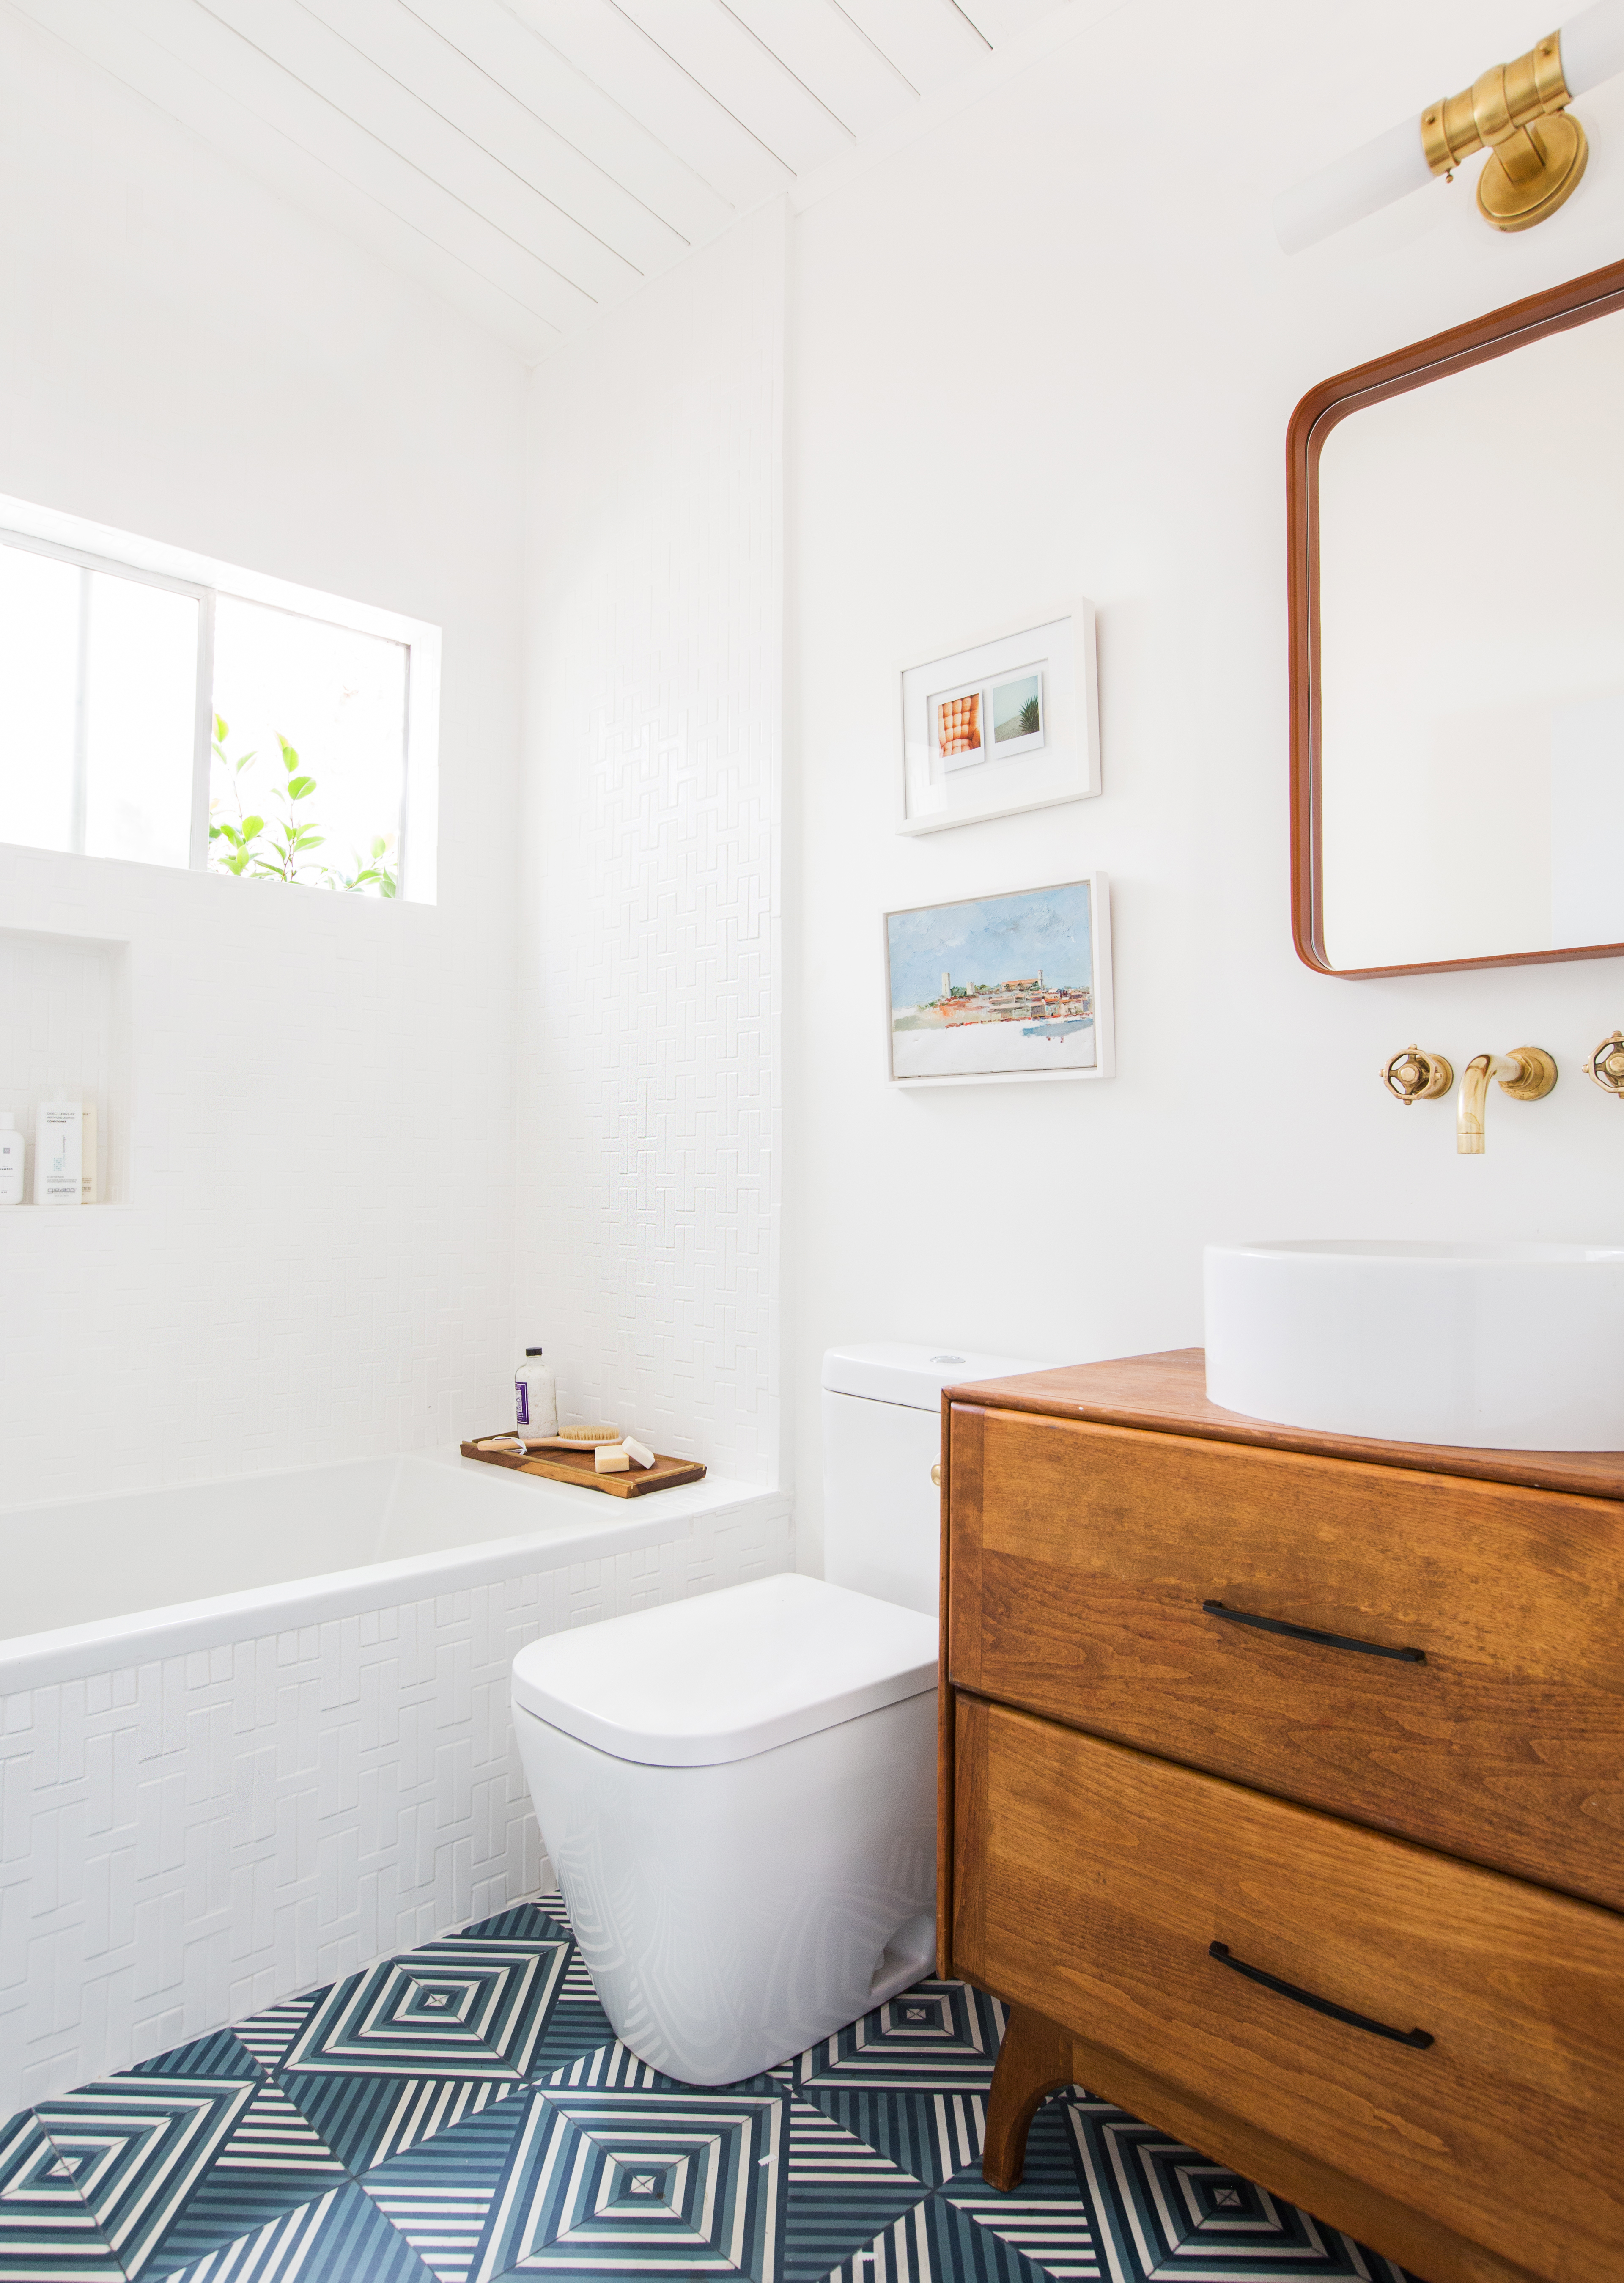 Chaine-Homme-White-Gloss_Photographer-Tessa-Neustadt_Emily-Henderson-Guest-Bathroom_3.jpg?mtime=20190307162135#asset:440584